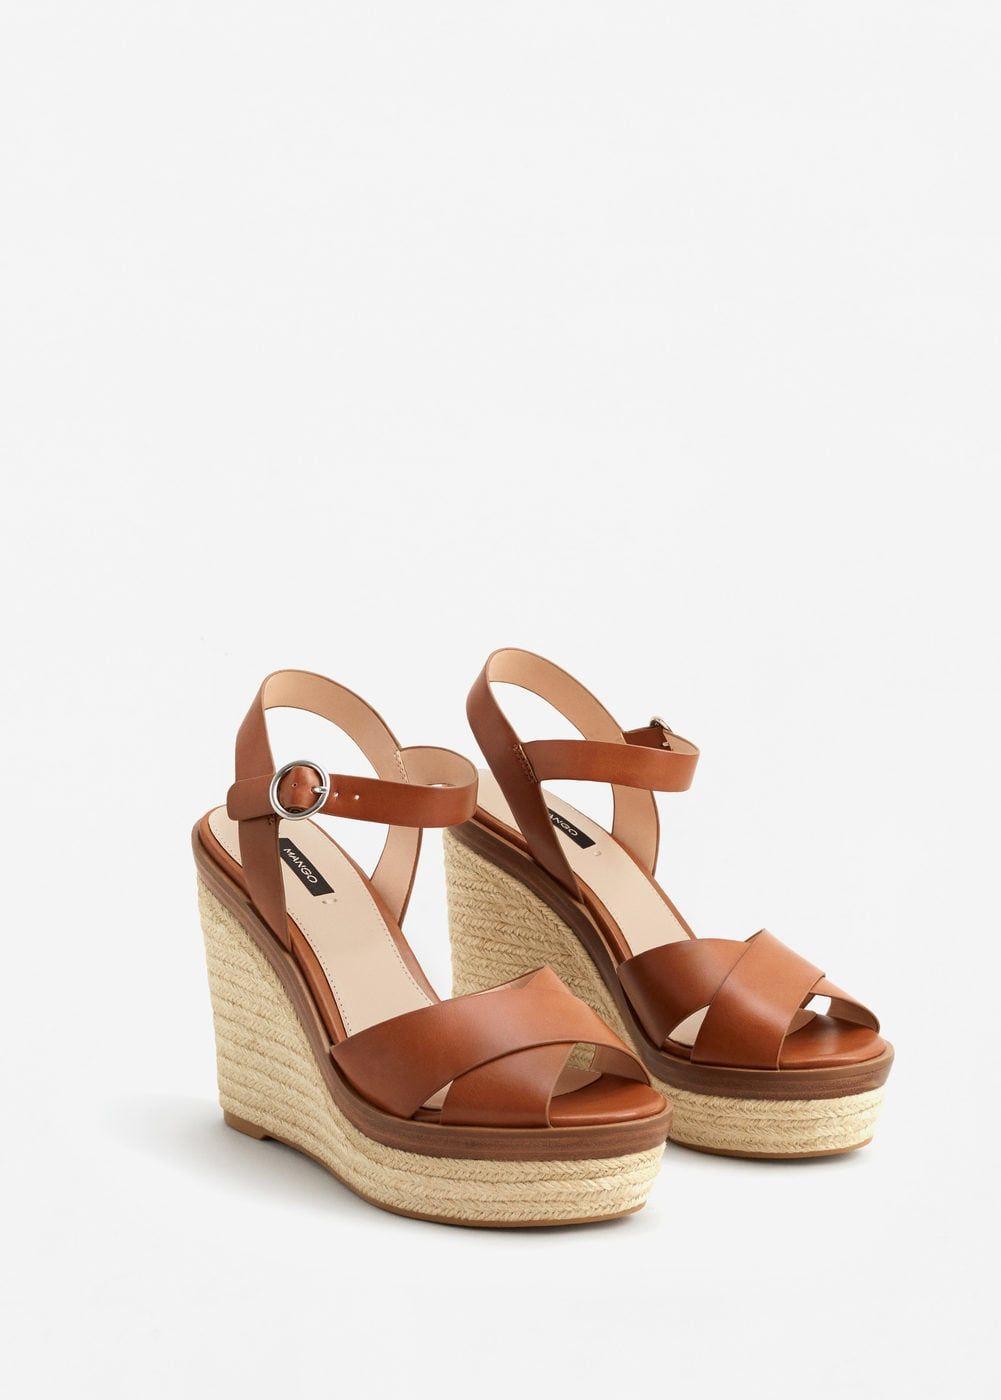 d9d866aeb2d2 Wedge criss-cross sandals - Women